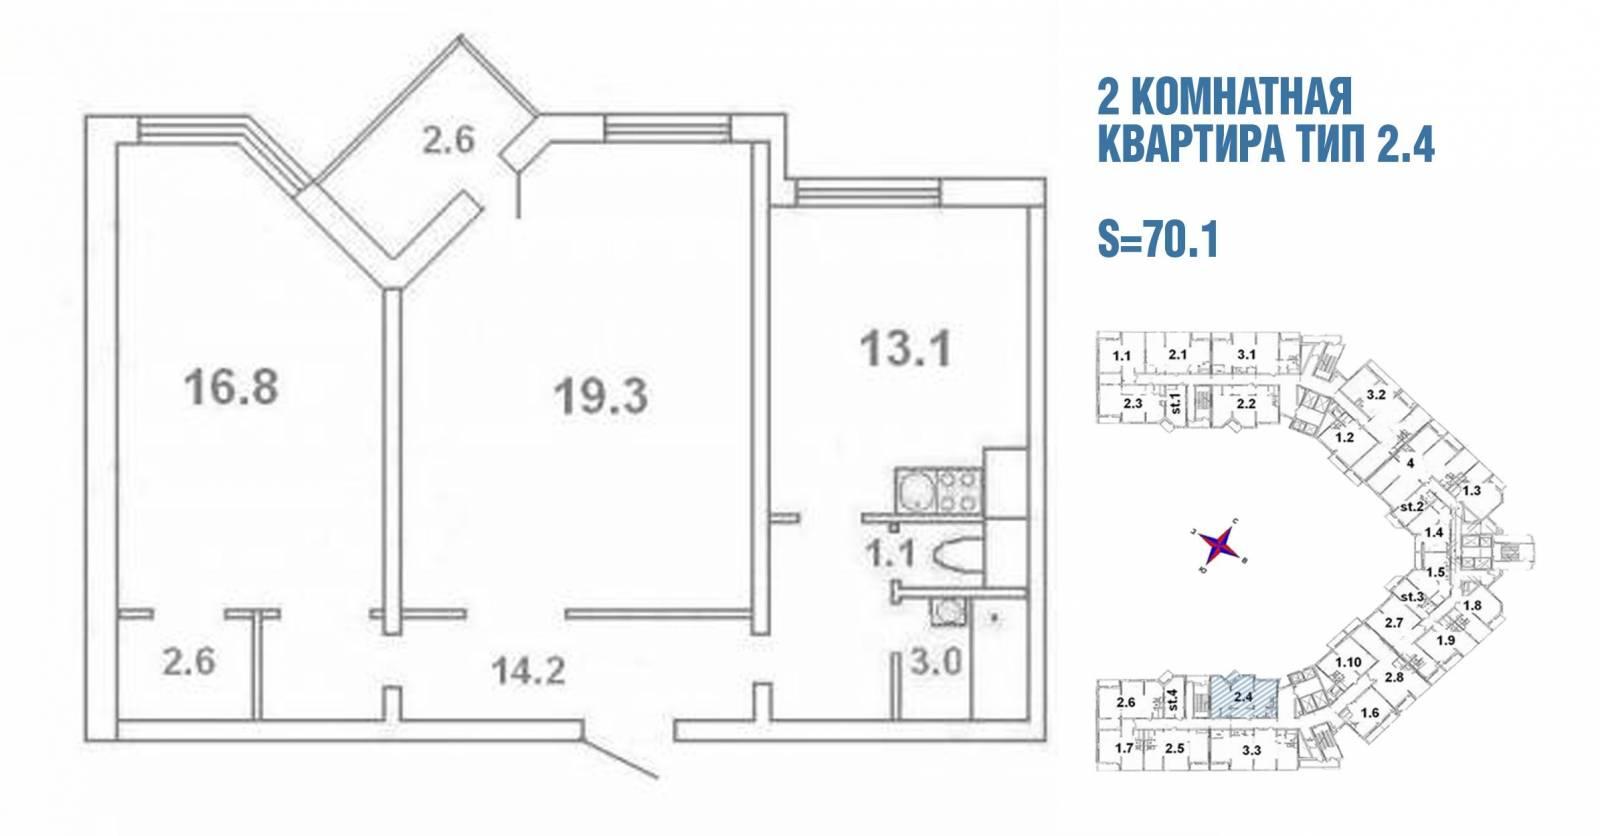 2-х комнатные квартиры тип 2.4 - 70,1 кв.м.